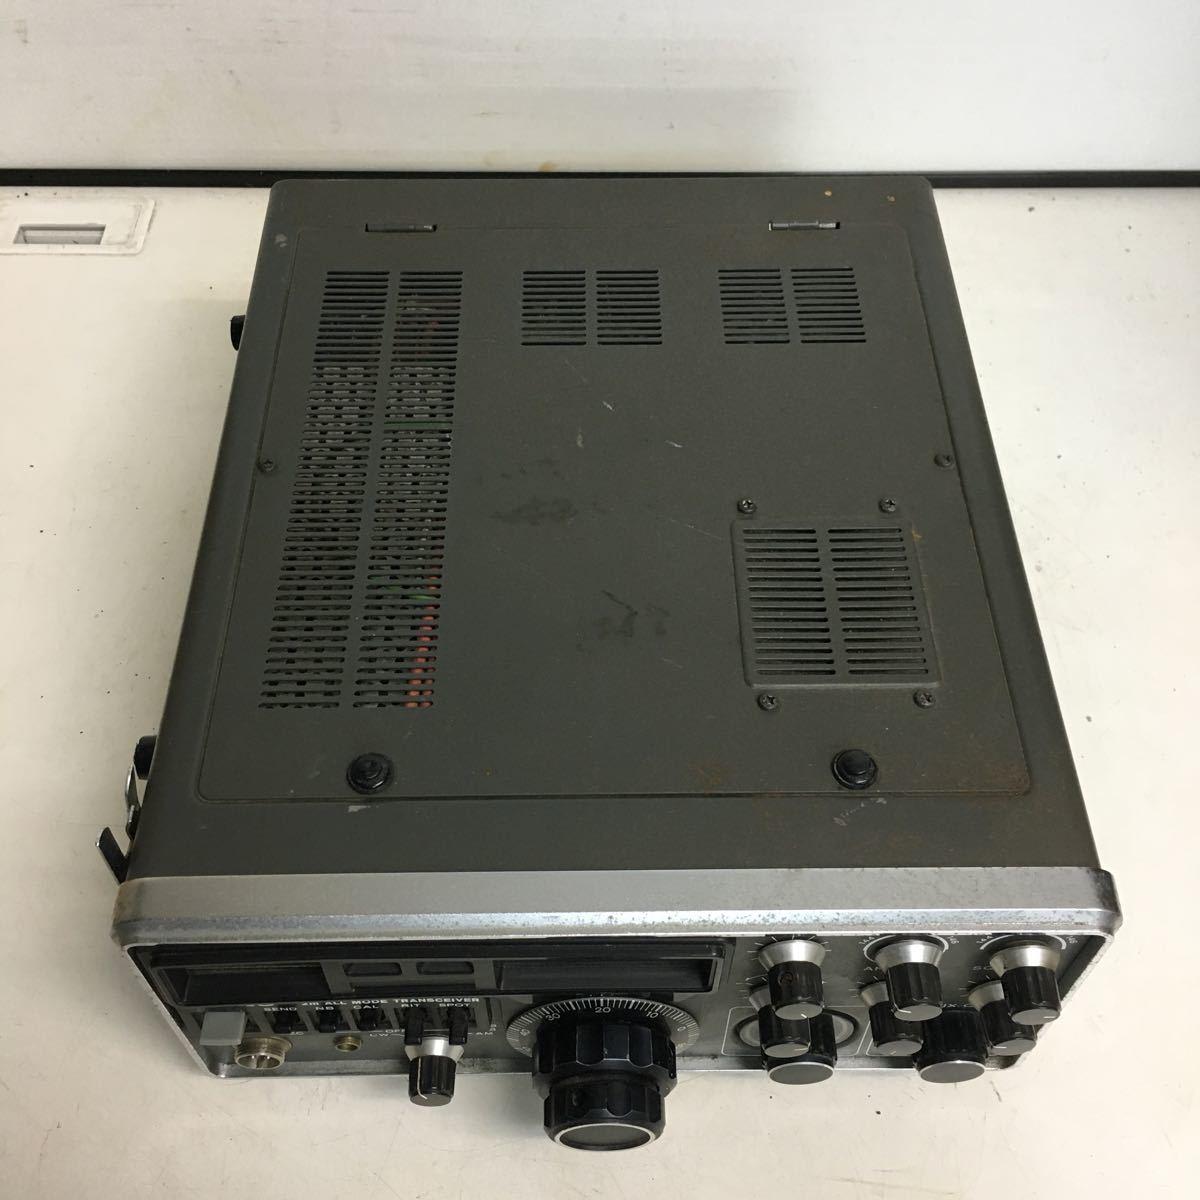 E066 TRIO トリオ TS-700 トランシーバー アマチュア無線機/本体のみ ジャンク品_画像6